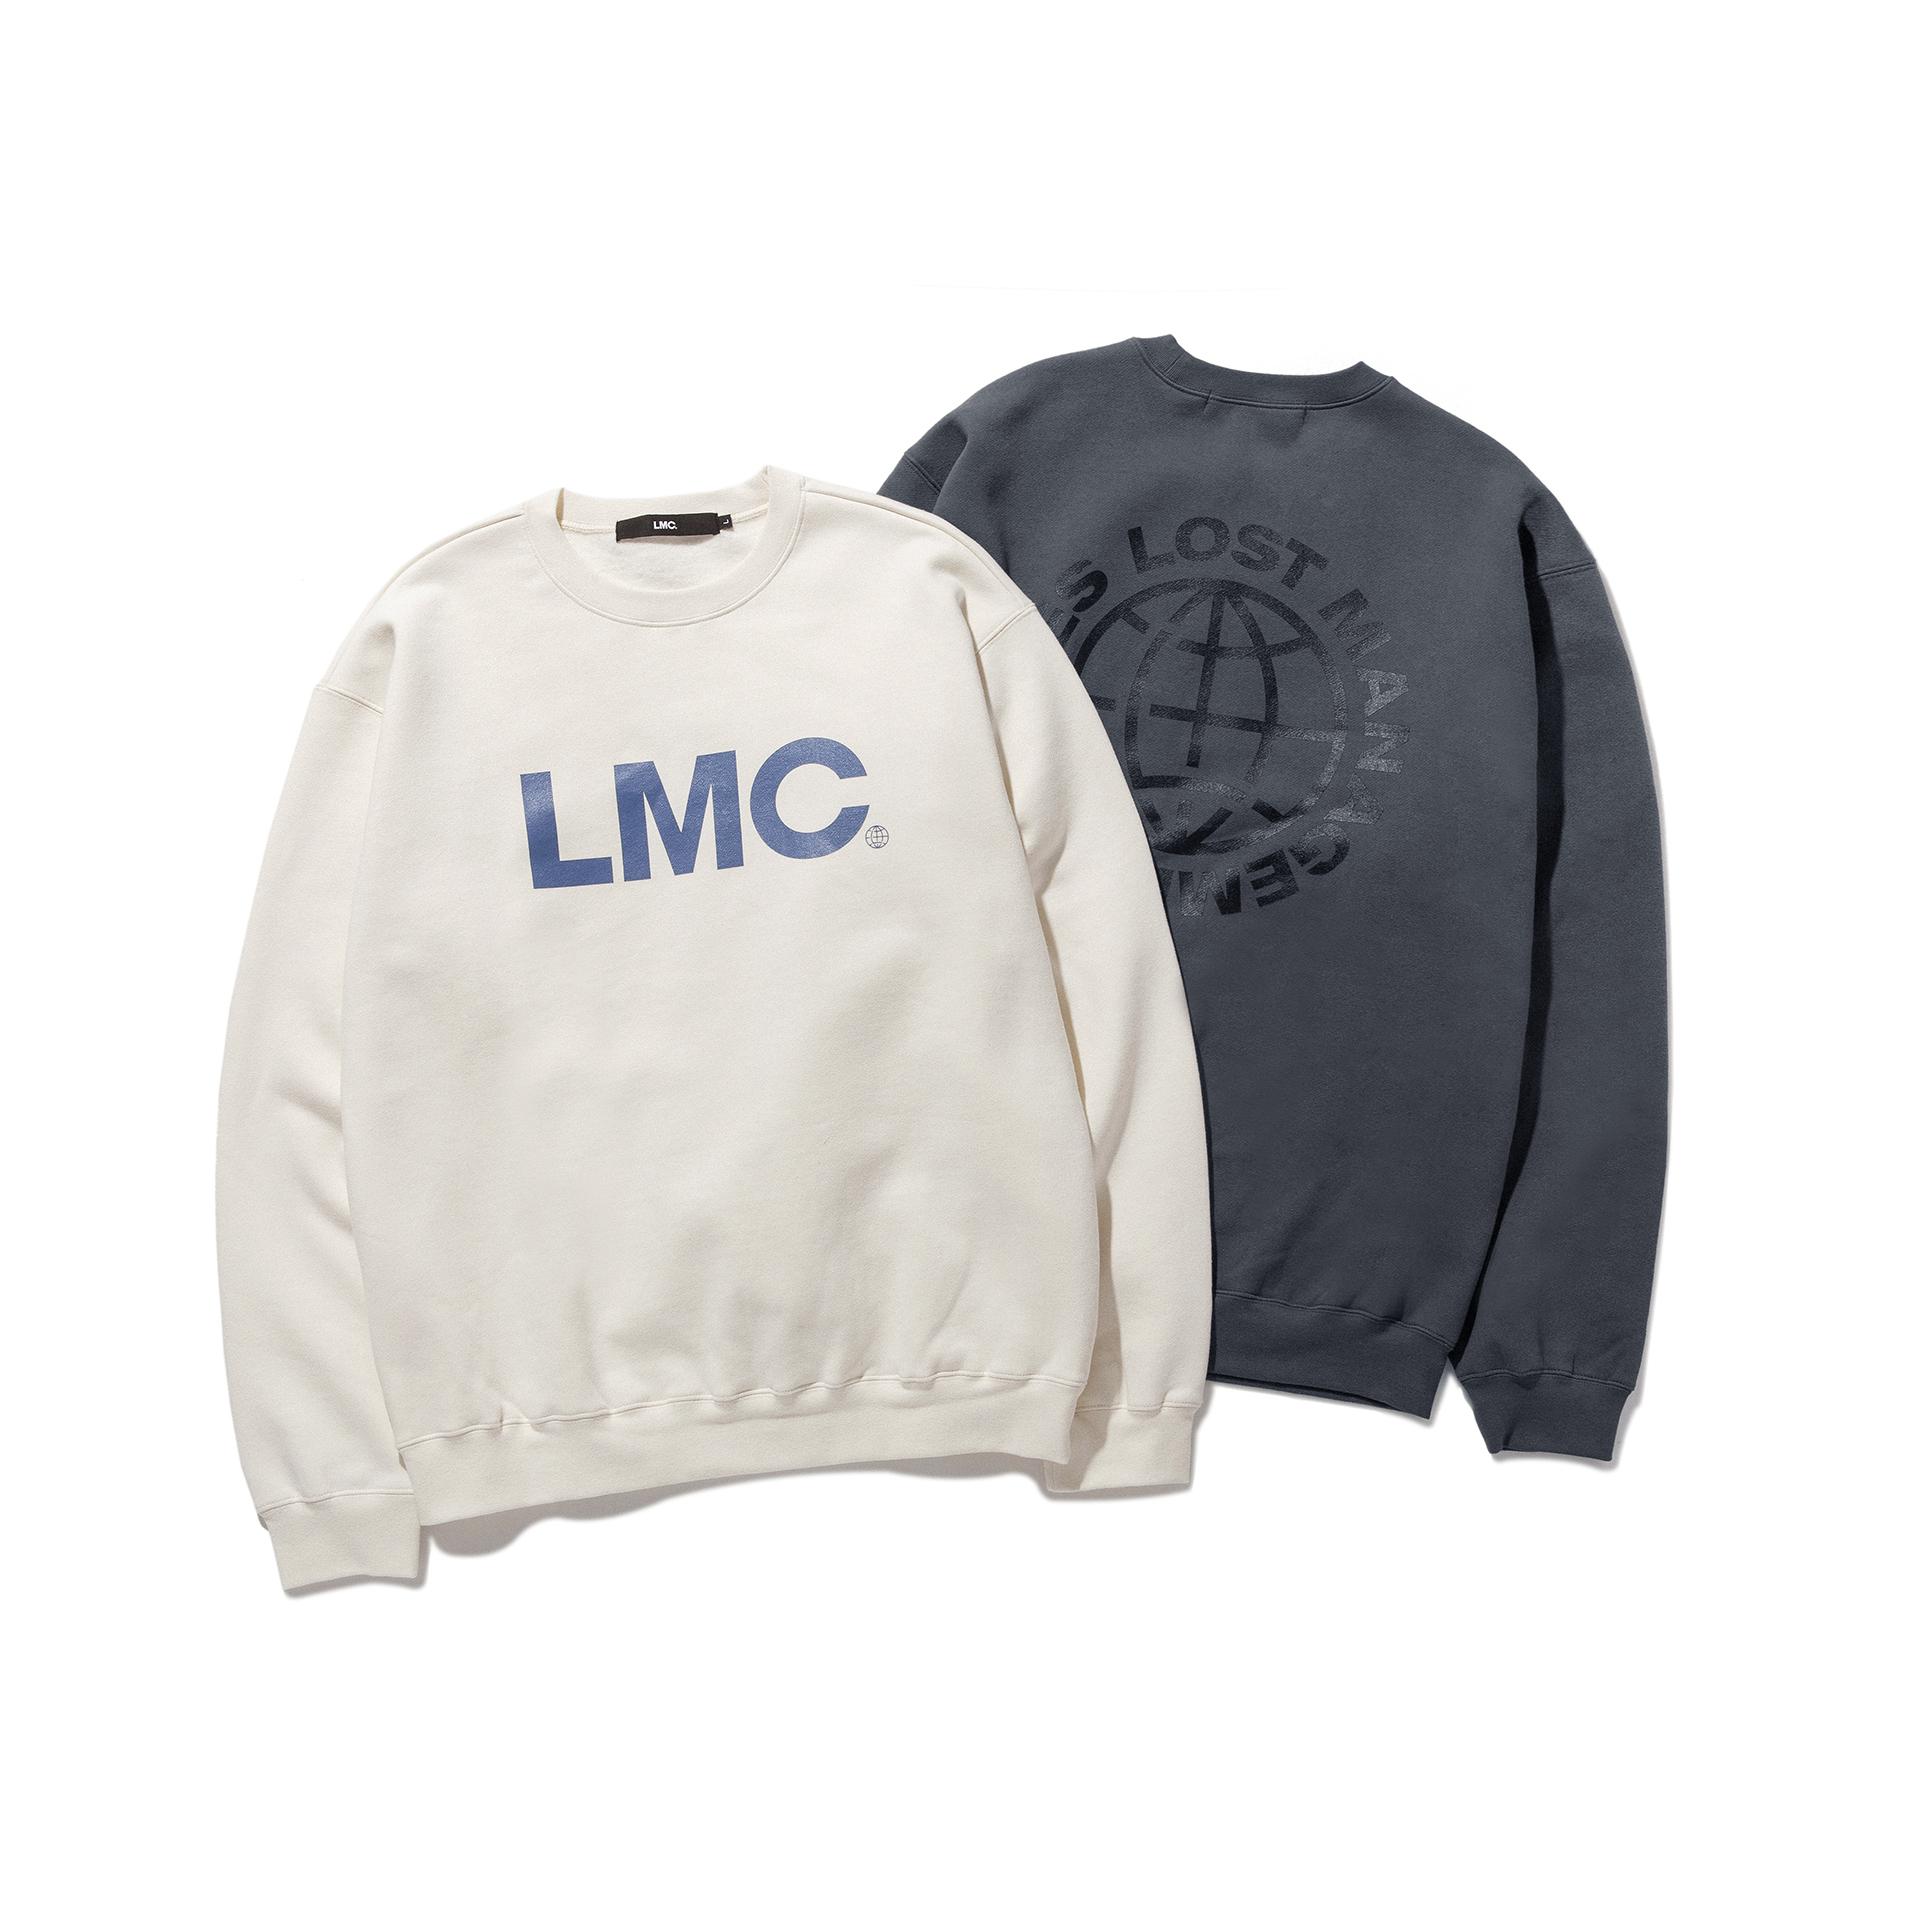 엘엠씨(LMC) LMC OG WHEEL SWEATSHIRT cream